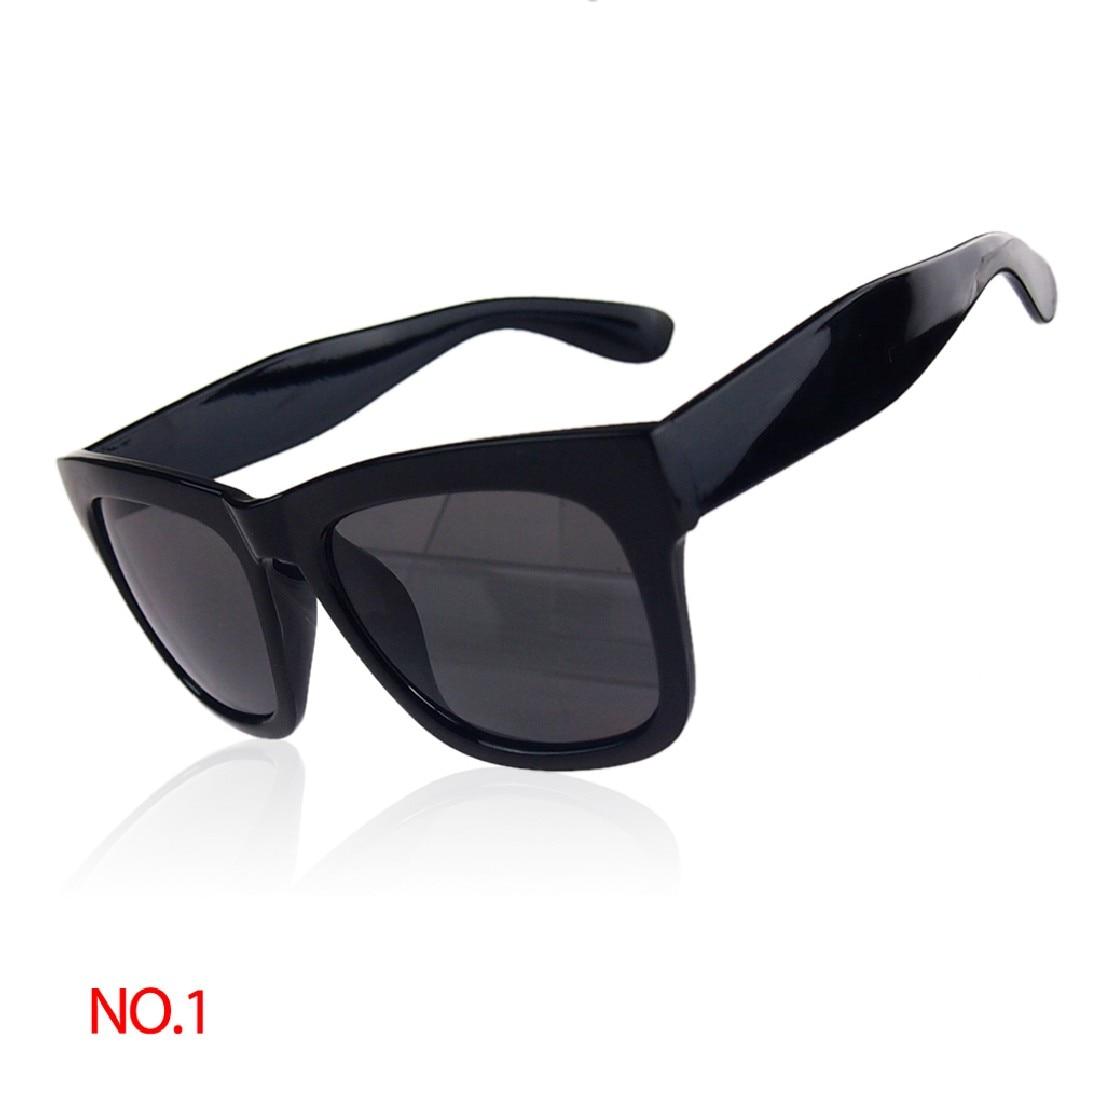 Grueso gran marco gafas de sol gafas moda vintage retro regalo ...